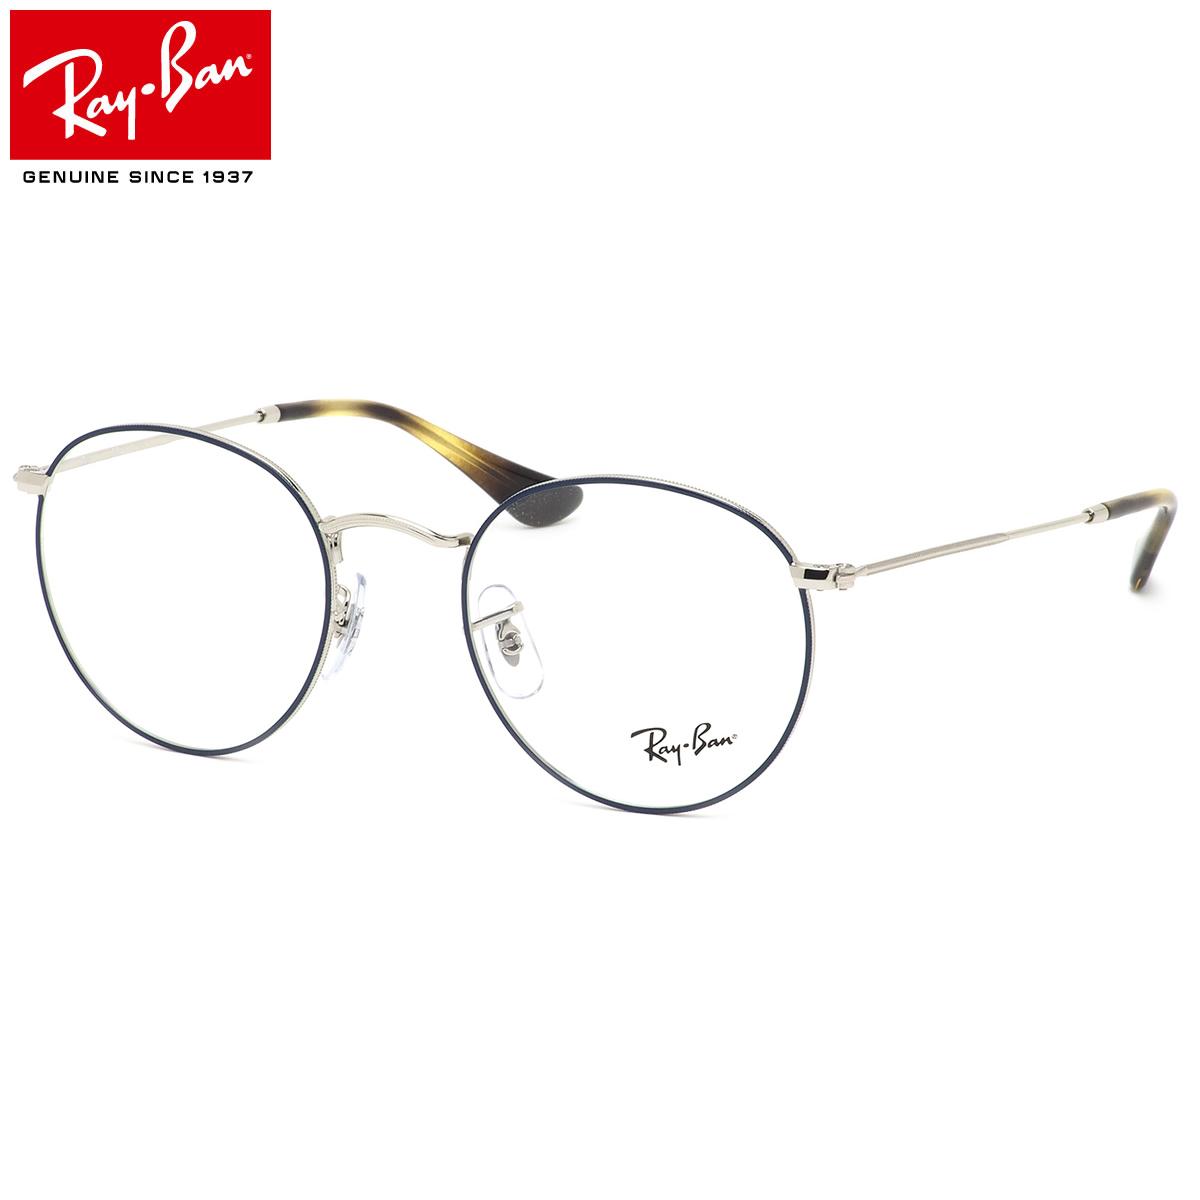 【10月30日からエントリーで全品ポイント20倍】Ray-Ban レイバン メガネRX3447V 2970 50サイズ丸メガネ ROUND METAL ラウンドレイバン RayBan メンズ レディース